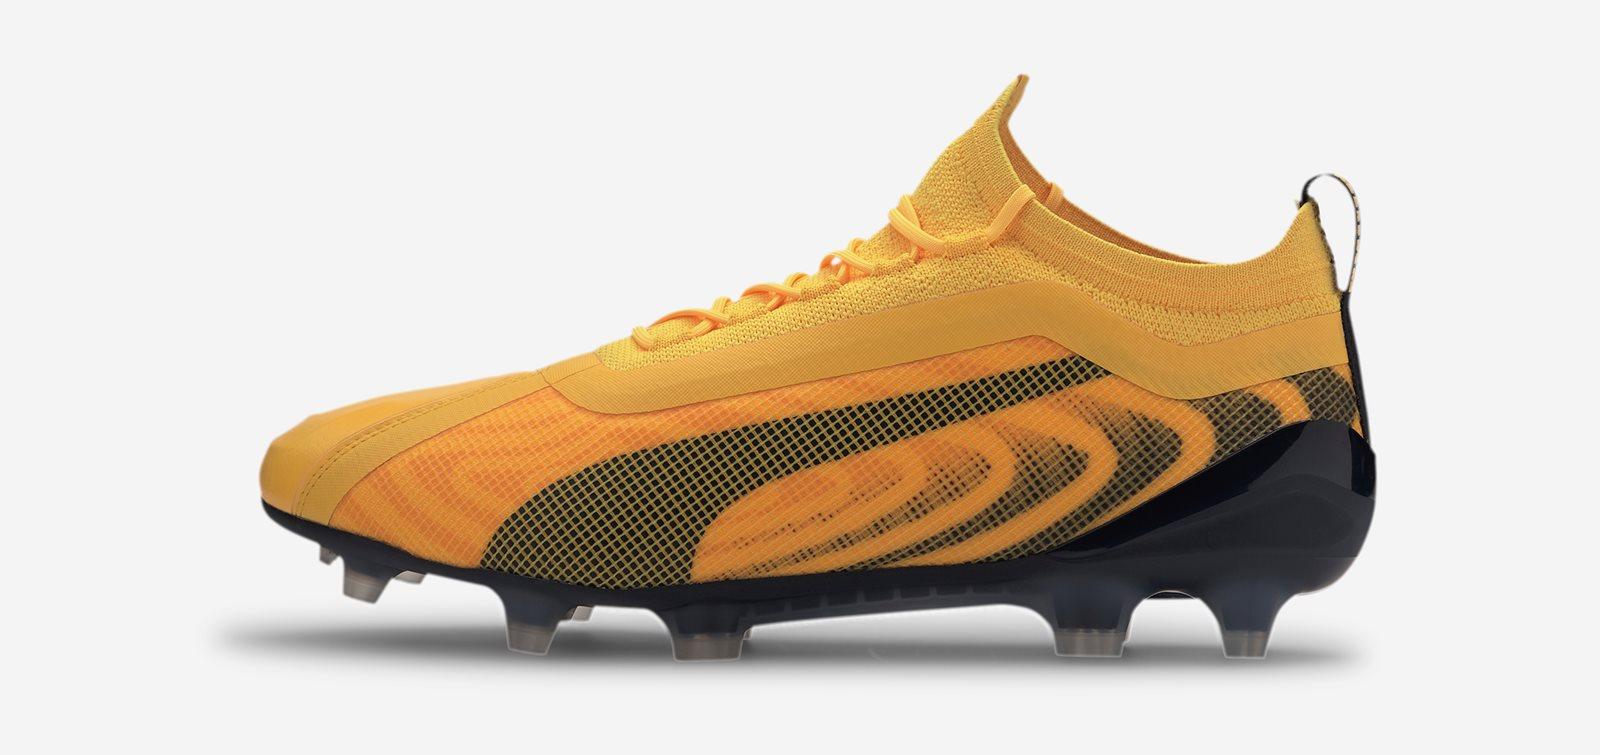 Puma One xếp thứ 10 trong top 10 dòng giày hot nhất tại cúp C1 Champions League